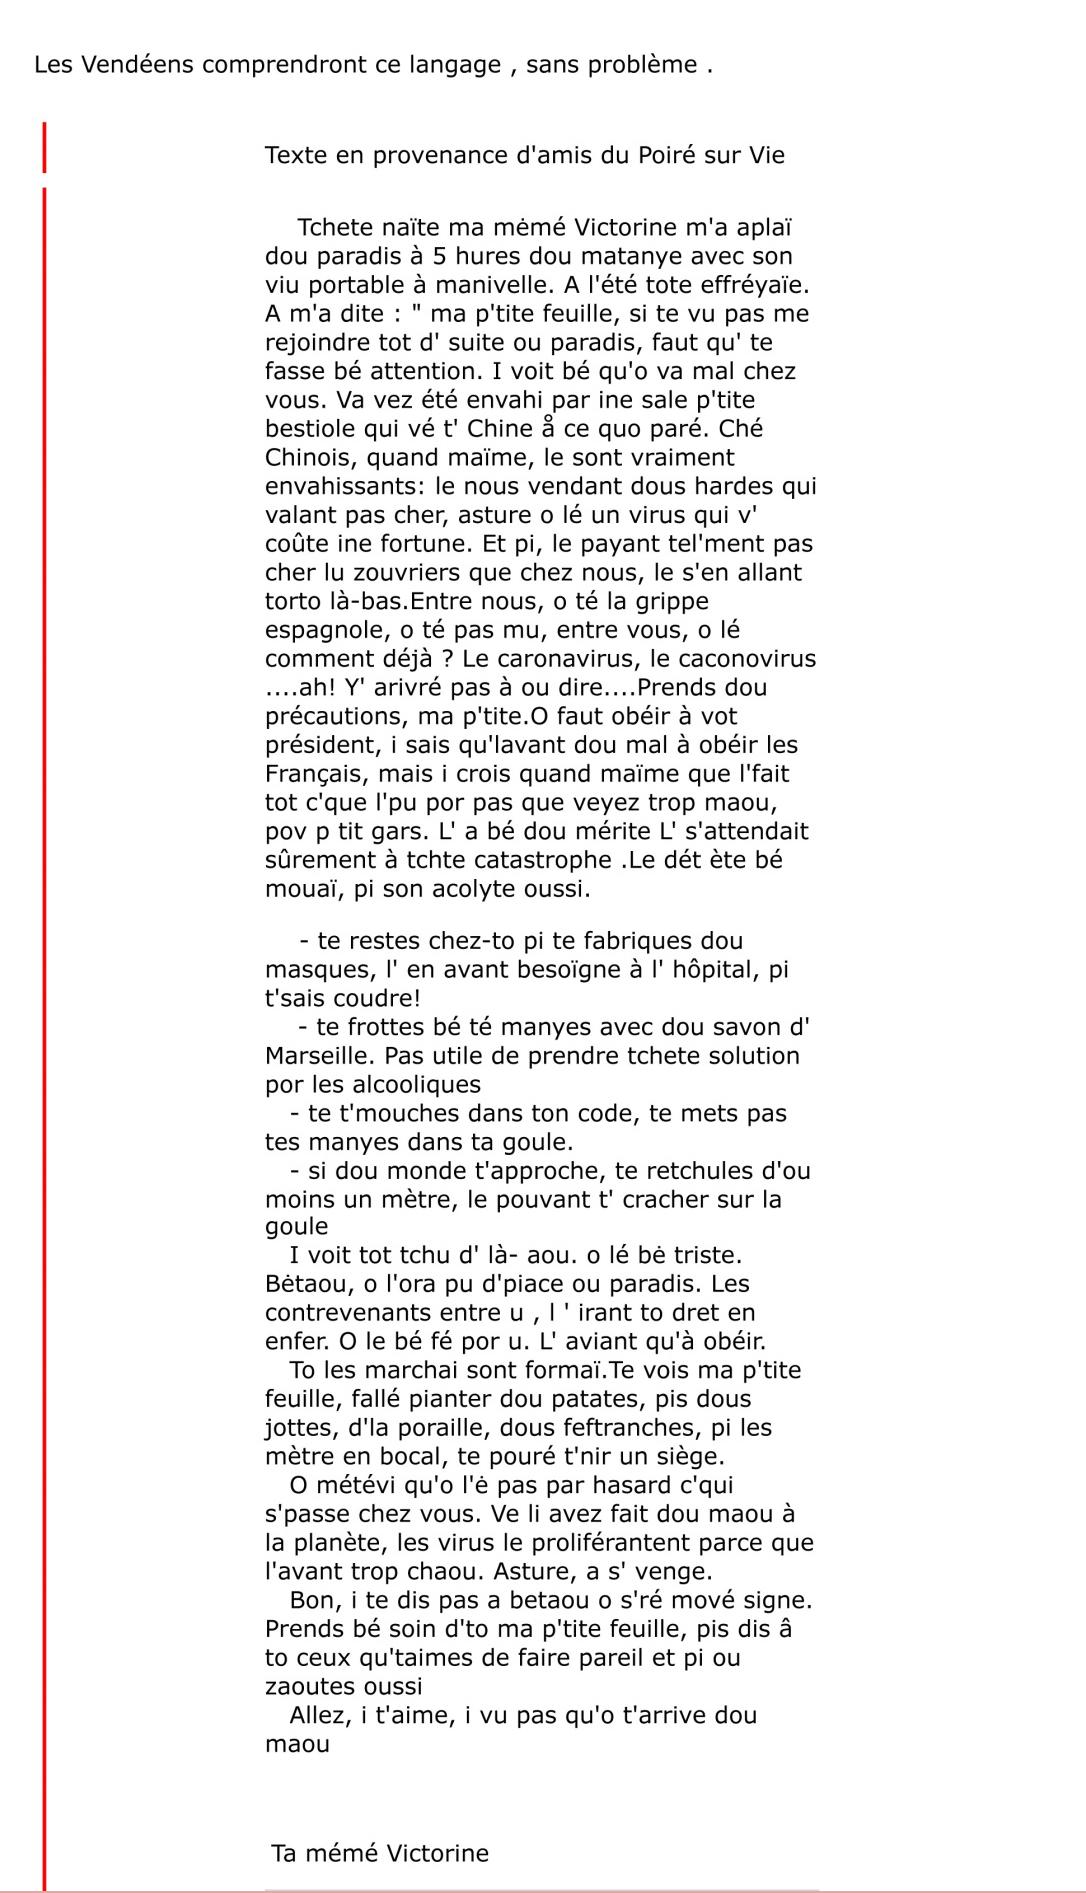 Mail du texte de MT Violleau